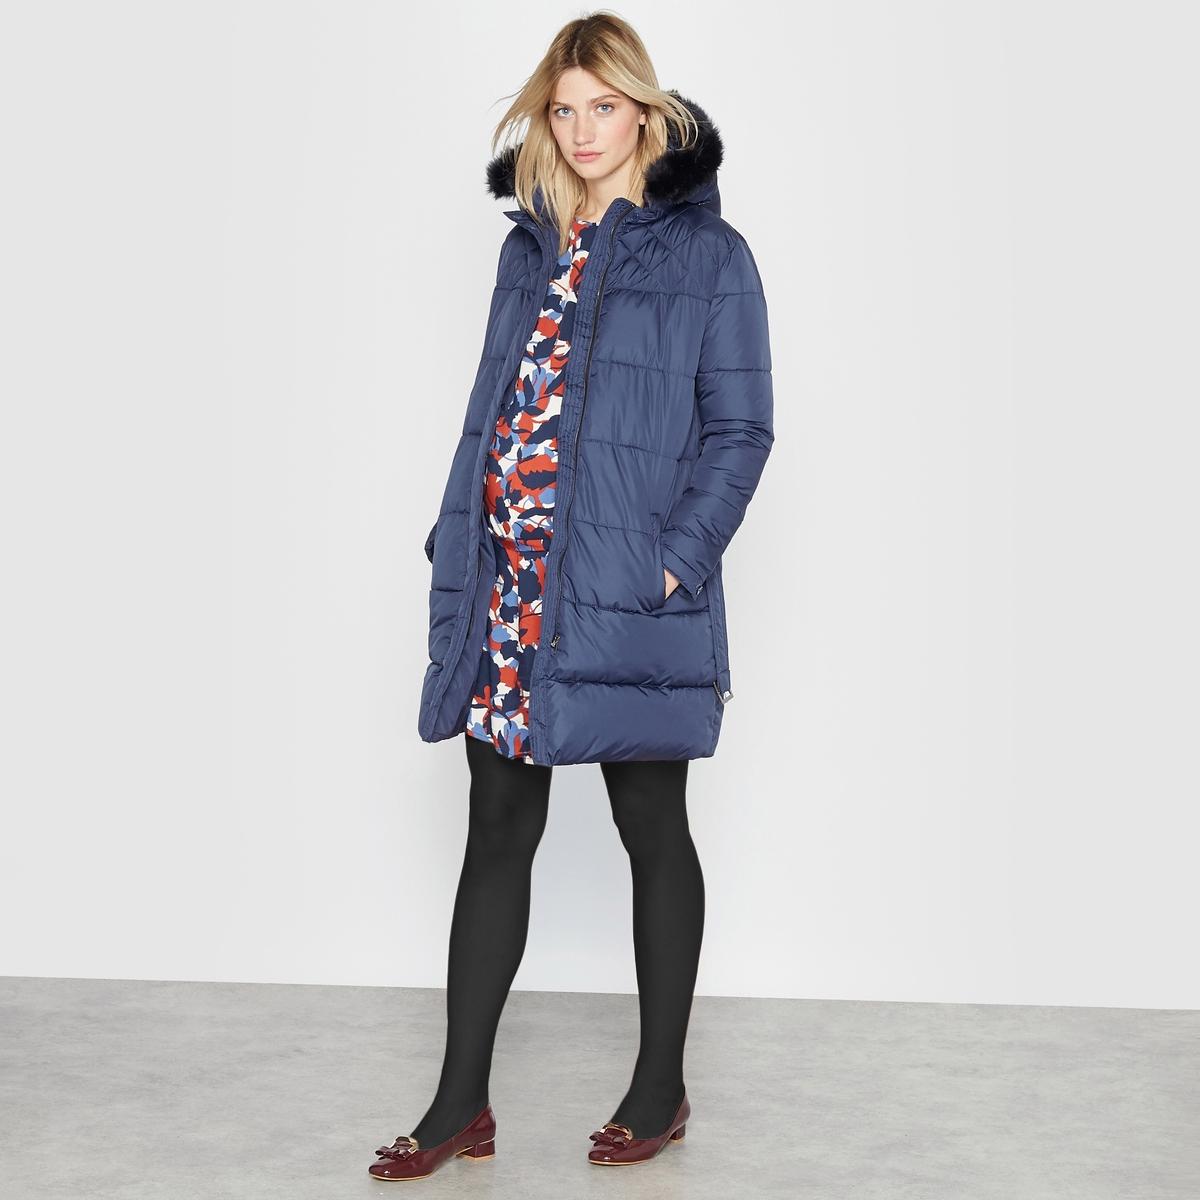 Куртка с капюшоном для периода беременностиОписание:Теплая и удобная зимняя куртка, в которой холод ни по чем . Прямой покрой с ремешком в шлевках  . Капюшон оторочен искусственным мехом . Детали •  Длина : средняя •  Капюшон •  Застежка на молнию •  С капюшономСостав и уход •  100% полиэстер •  Подкладка : 100% полиэстер •  Наполнитель : 100% полиэстер • Не стирать •  Деликатная чистка/без отбеливателей •  Не использовать барабанную сушку   •  Не гладитьМодель адаптирована для периода беременности<br><br>Цвет: темно-синий,черный<br>Размер: 36 (FR) - 42 (RUS).38 (FR) - 44 (RUS).36 (FR) - 42 (RUS)